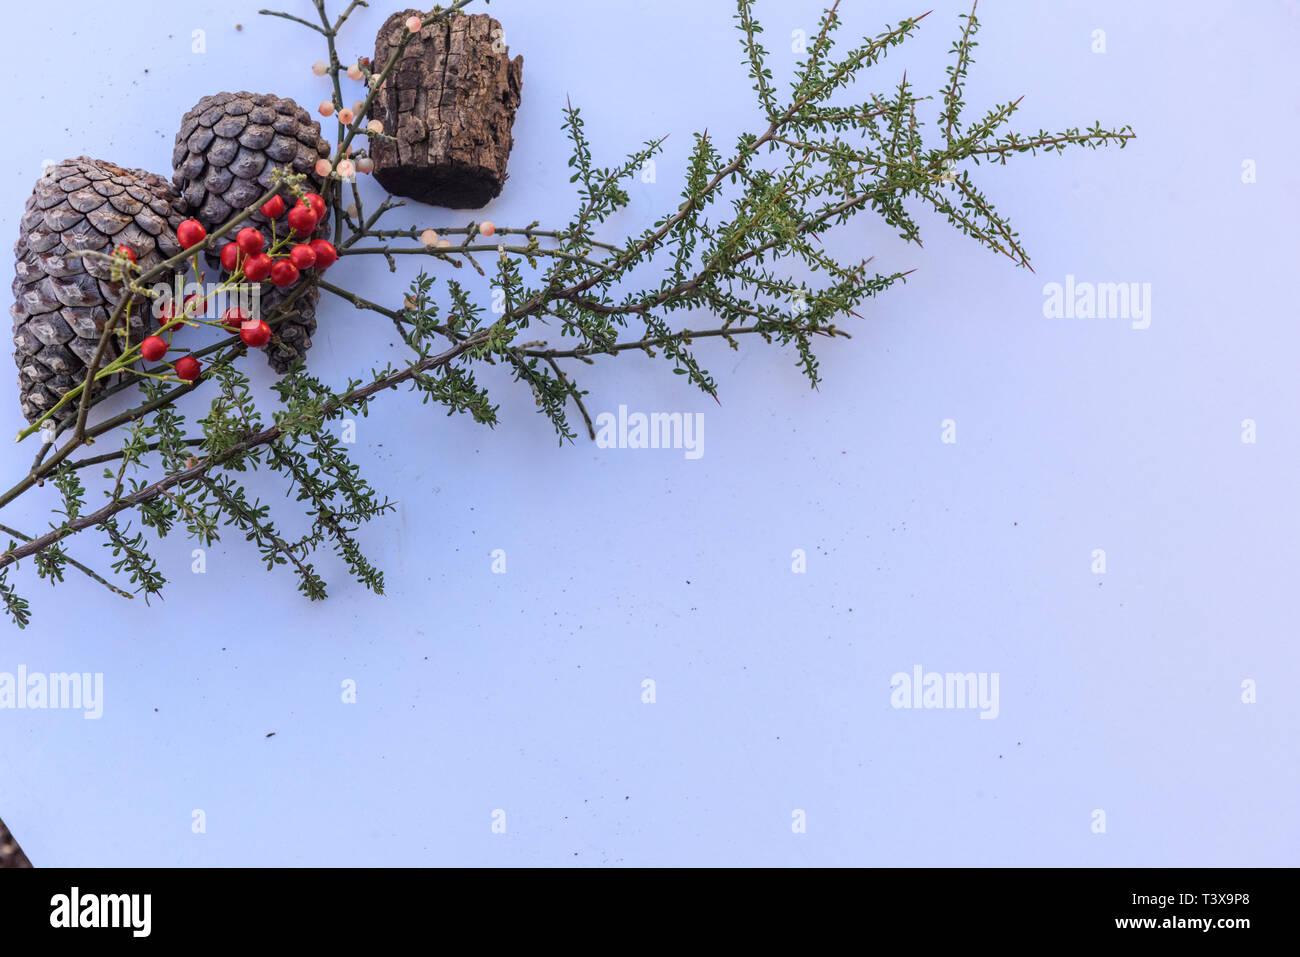 Still life botánico de hojas, conos de pinos, plantas y bayas en tonos marrón con fondo blanco. Foto de stock